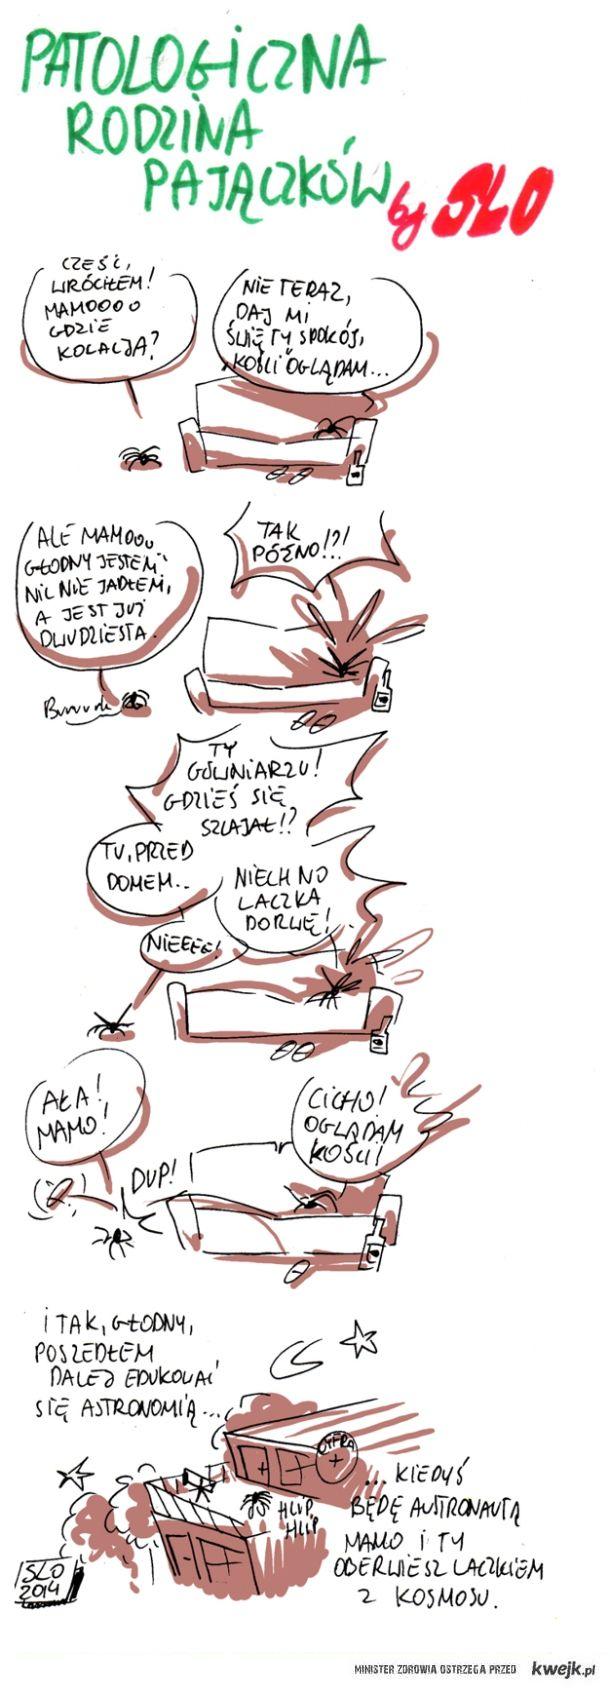 Patologiczna rodzina Pajączków